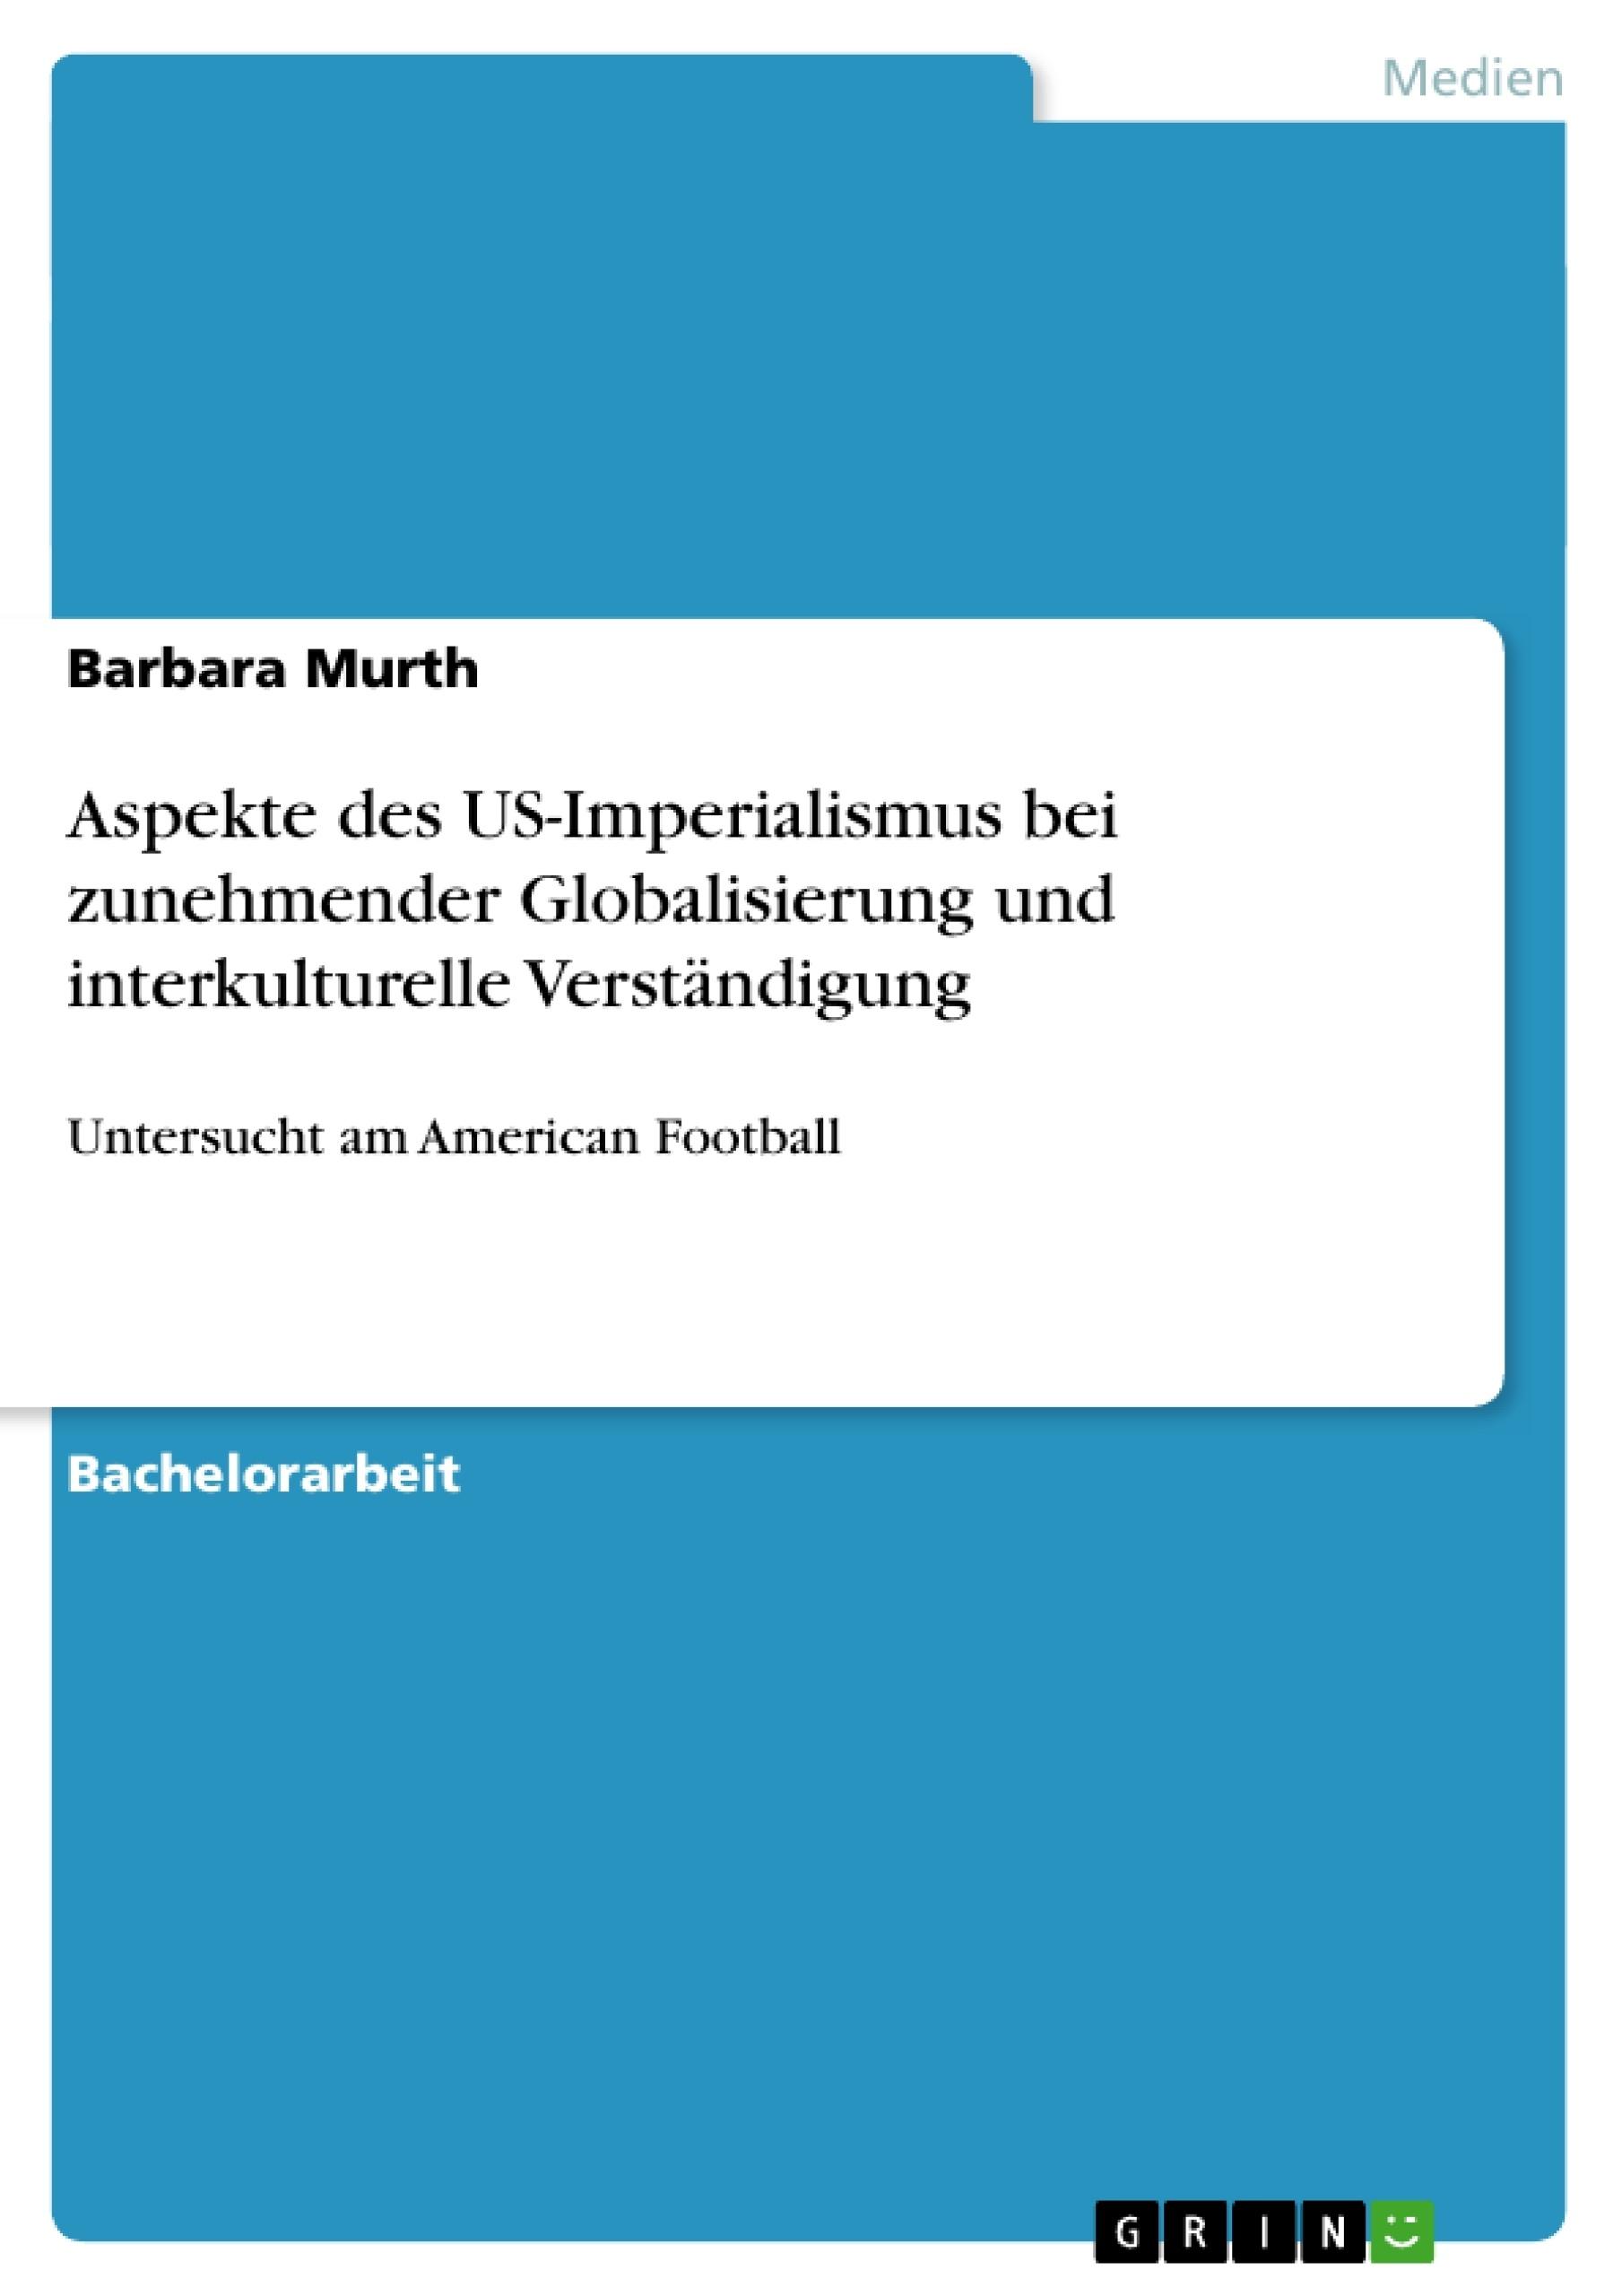 Titel: Aspekte des US-Imperialismus bei zunehmender Globalisierung und interkulturelle Verständigung